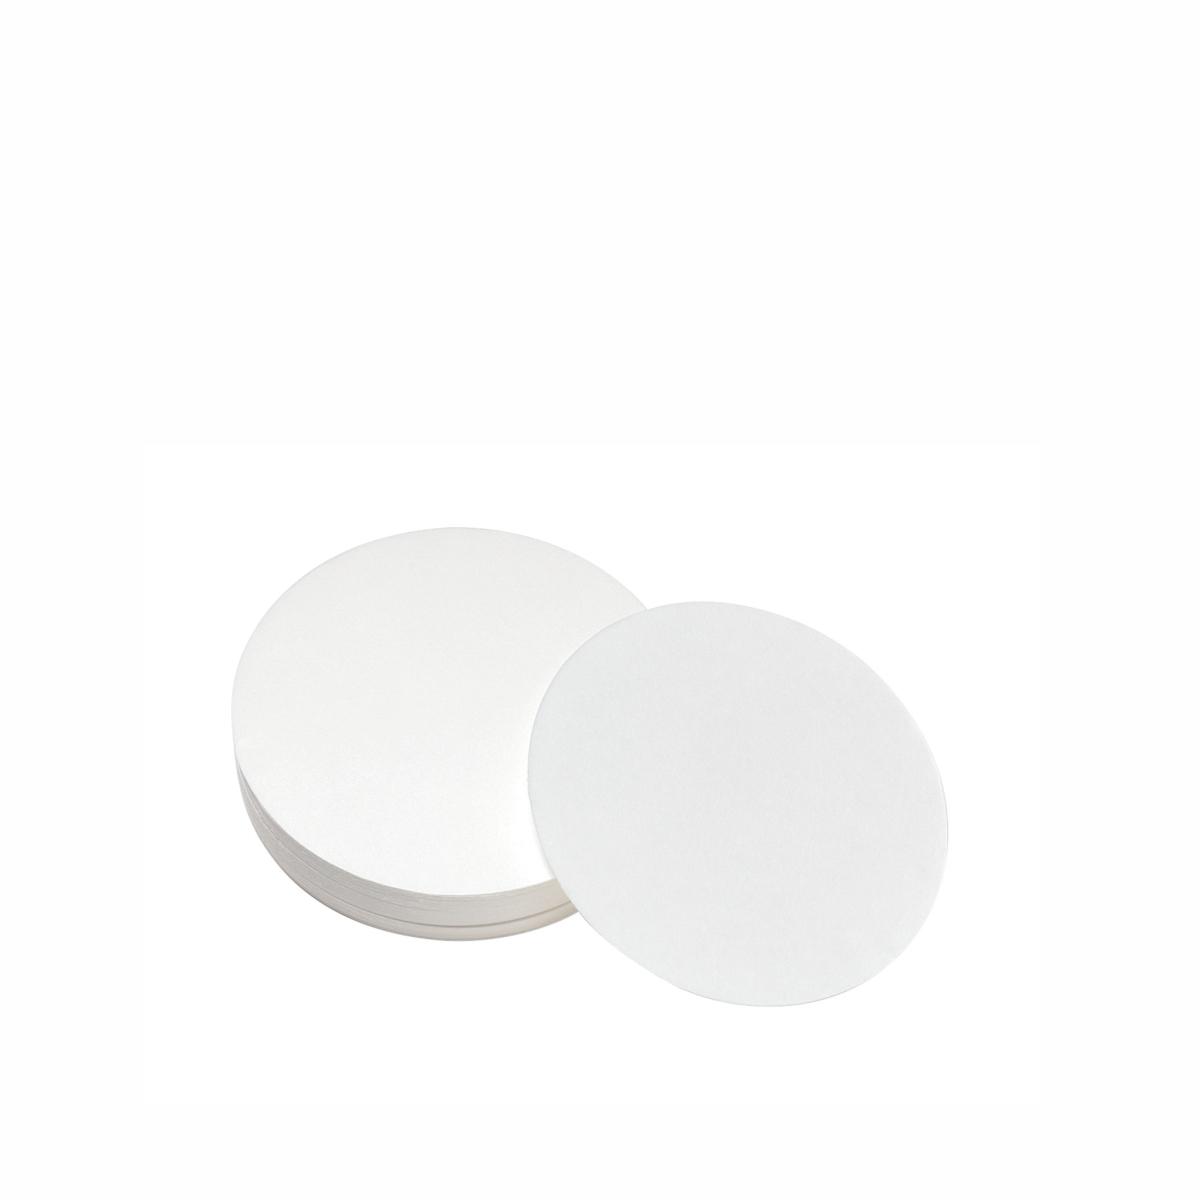 Papel Filtro Tipo Mata Borrão Gramatura 250g (100 unidades)